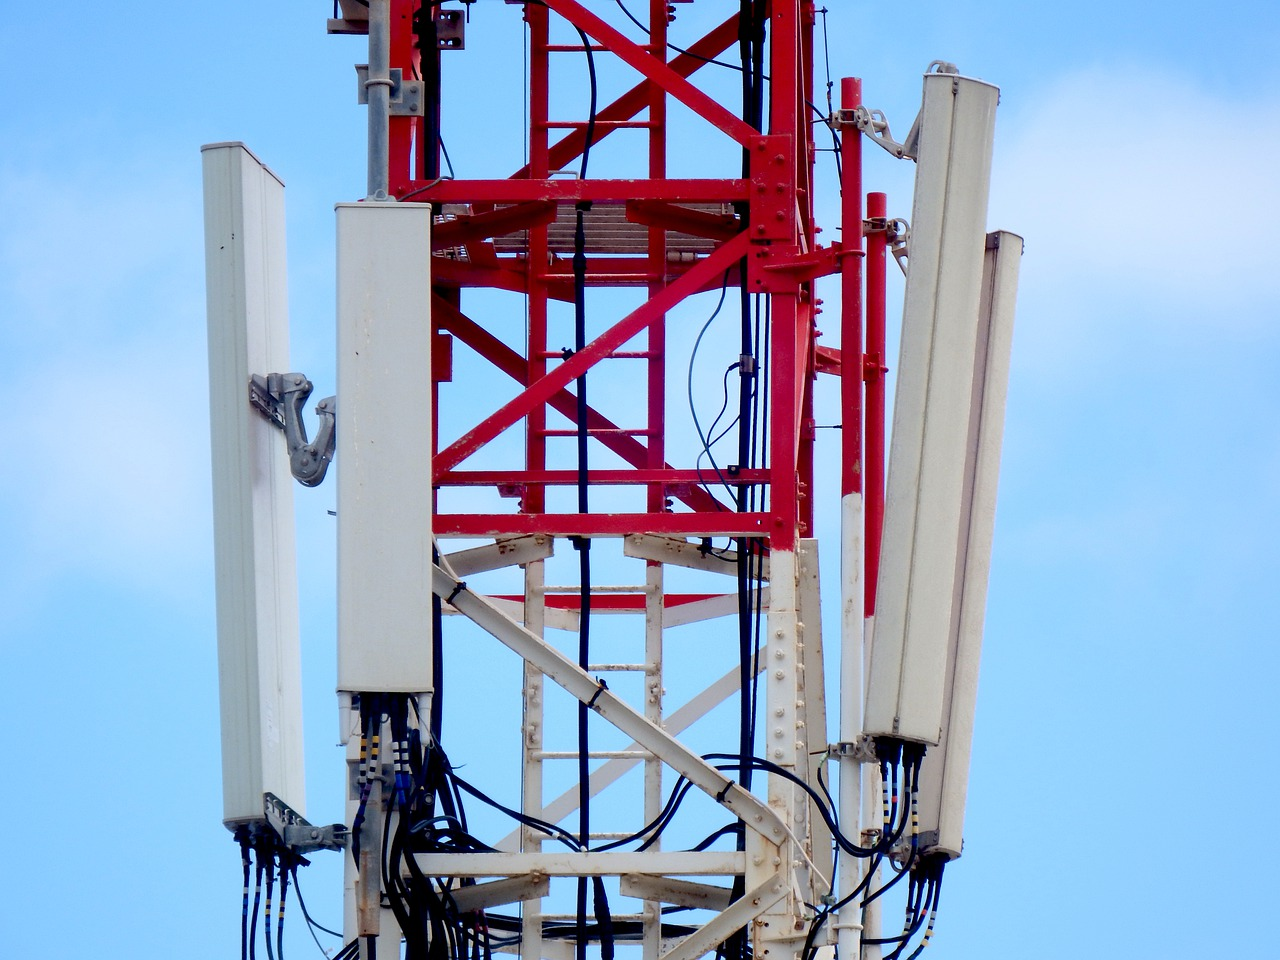 МТС и Ericsson построили для «Полиметалл» первую в России выделенную коммерческую 5G-ready сеть